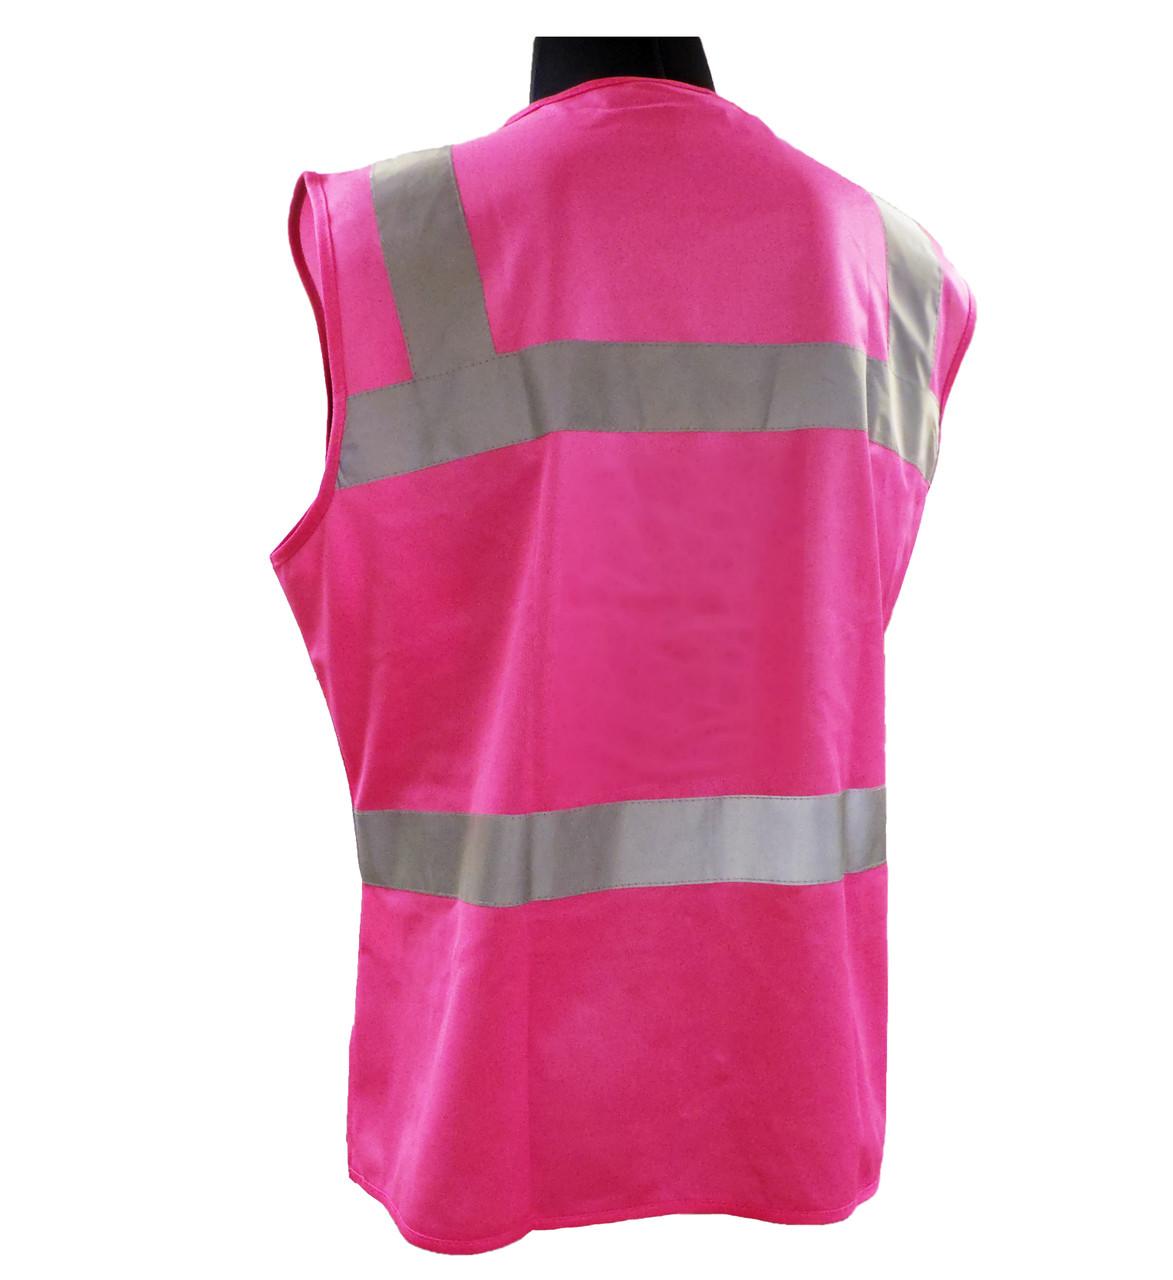 ERB Non-ANSI Hi-Vis Pink Safety Vest Back